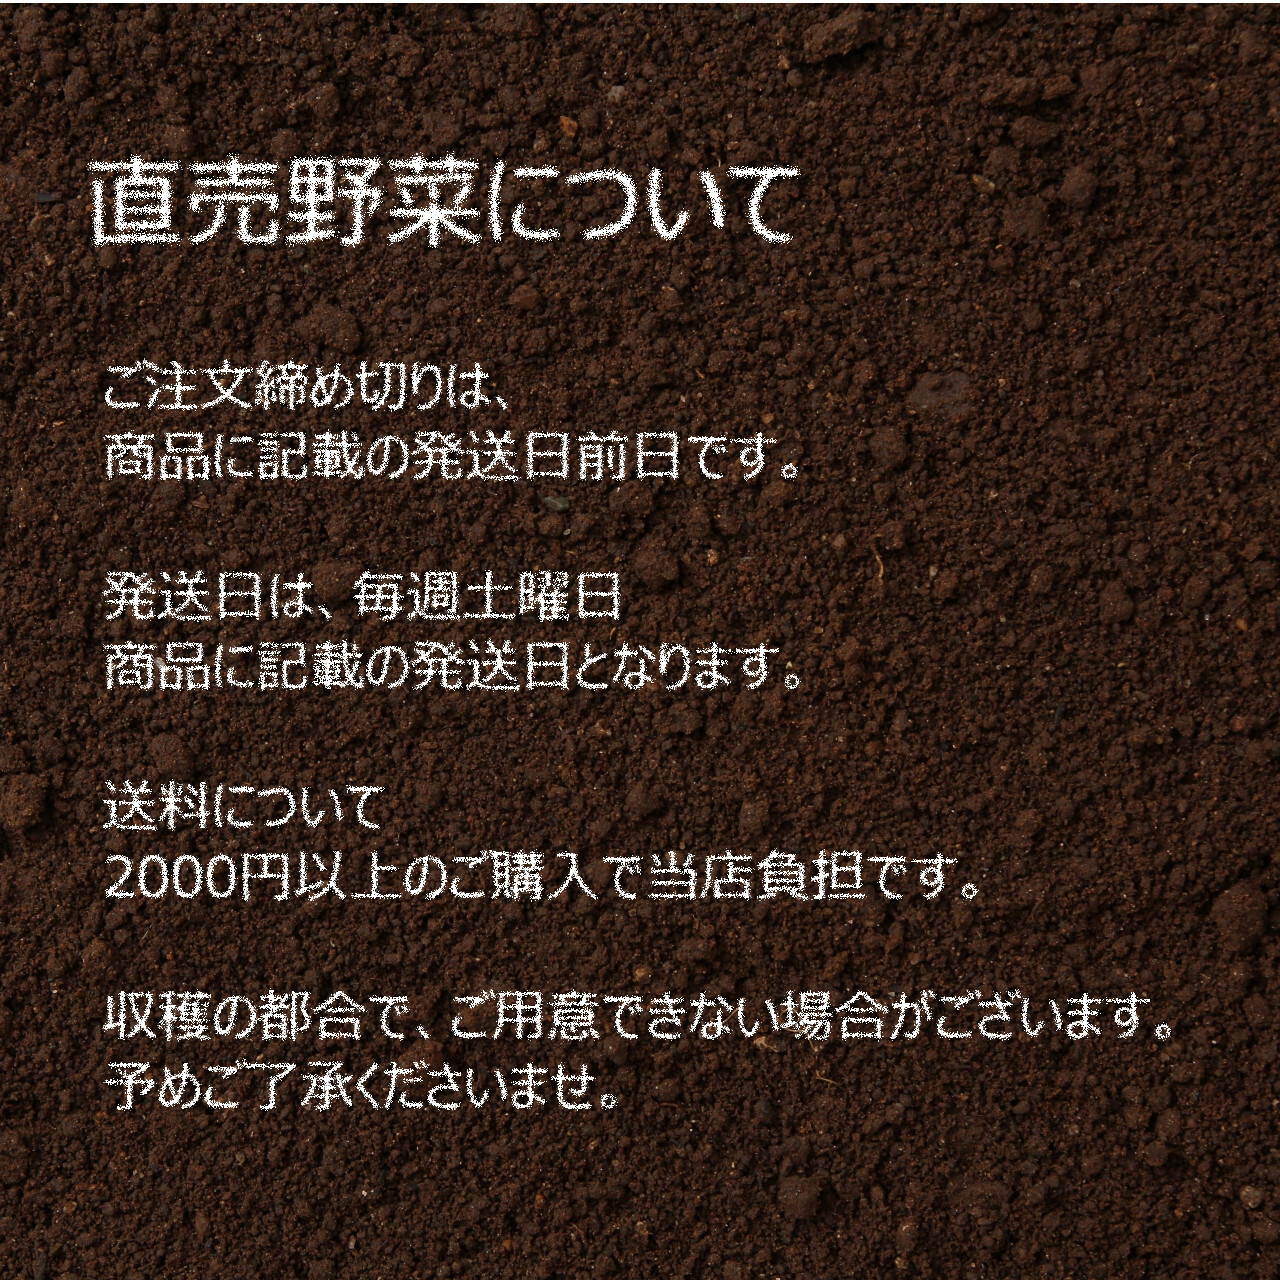 8月の朝採り直売野菜 : 坊ちゃんカボチャ 1個 新鮮夏野菜 8月24日発送予定